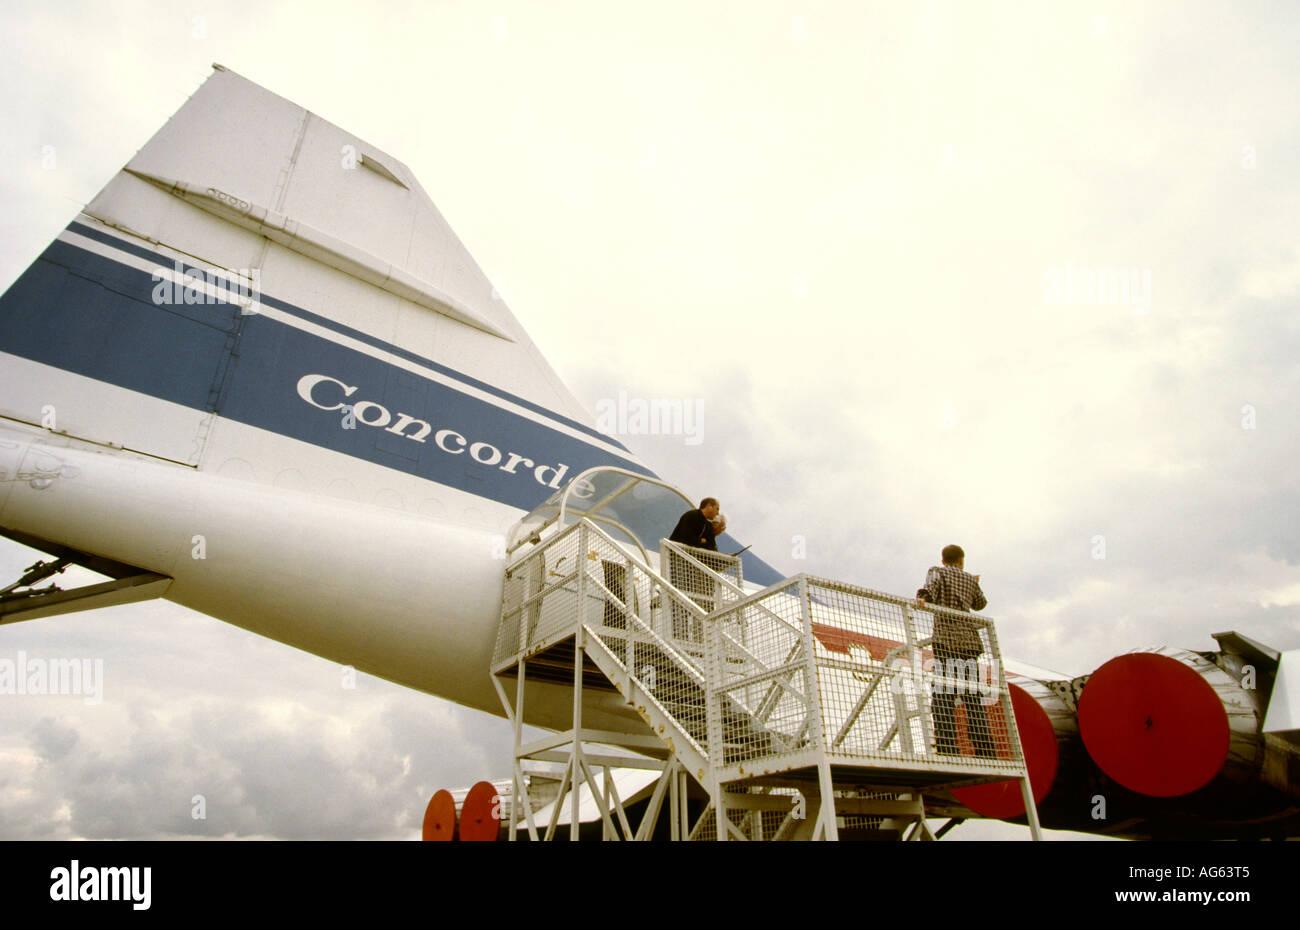 UK Angleterre Cambridgeshire Duxford Museum visiteurs à queue de Concorde 001 Banque D'Images